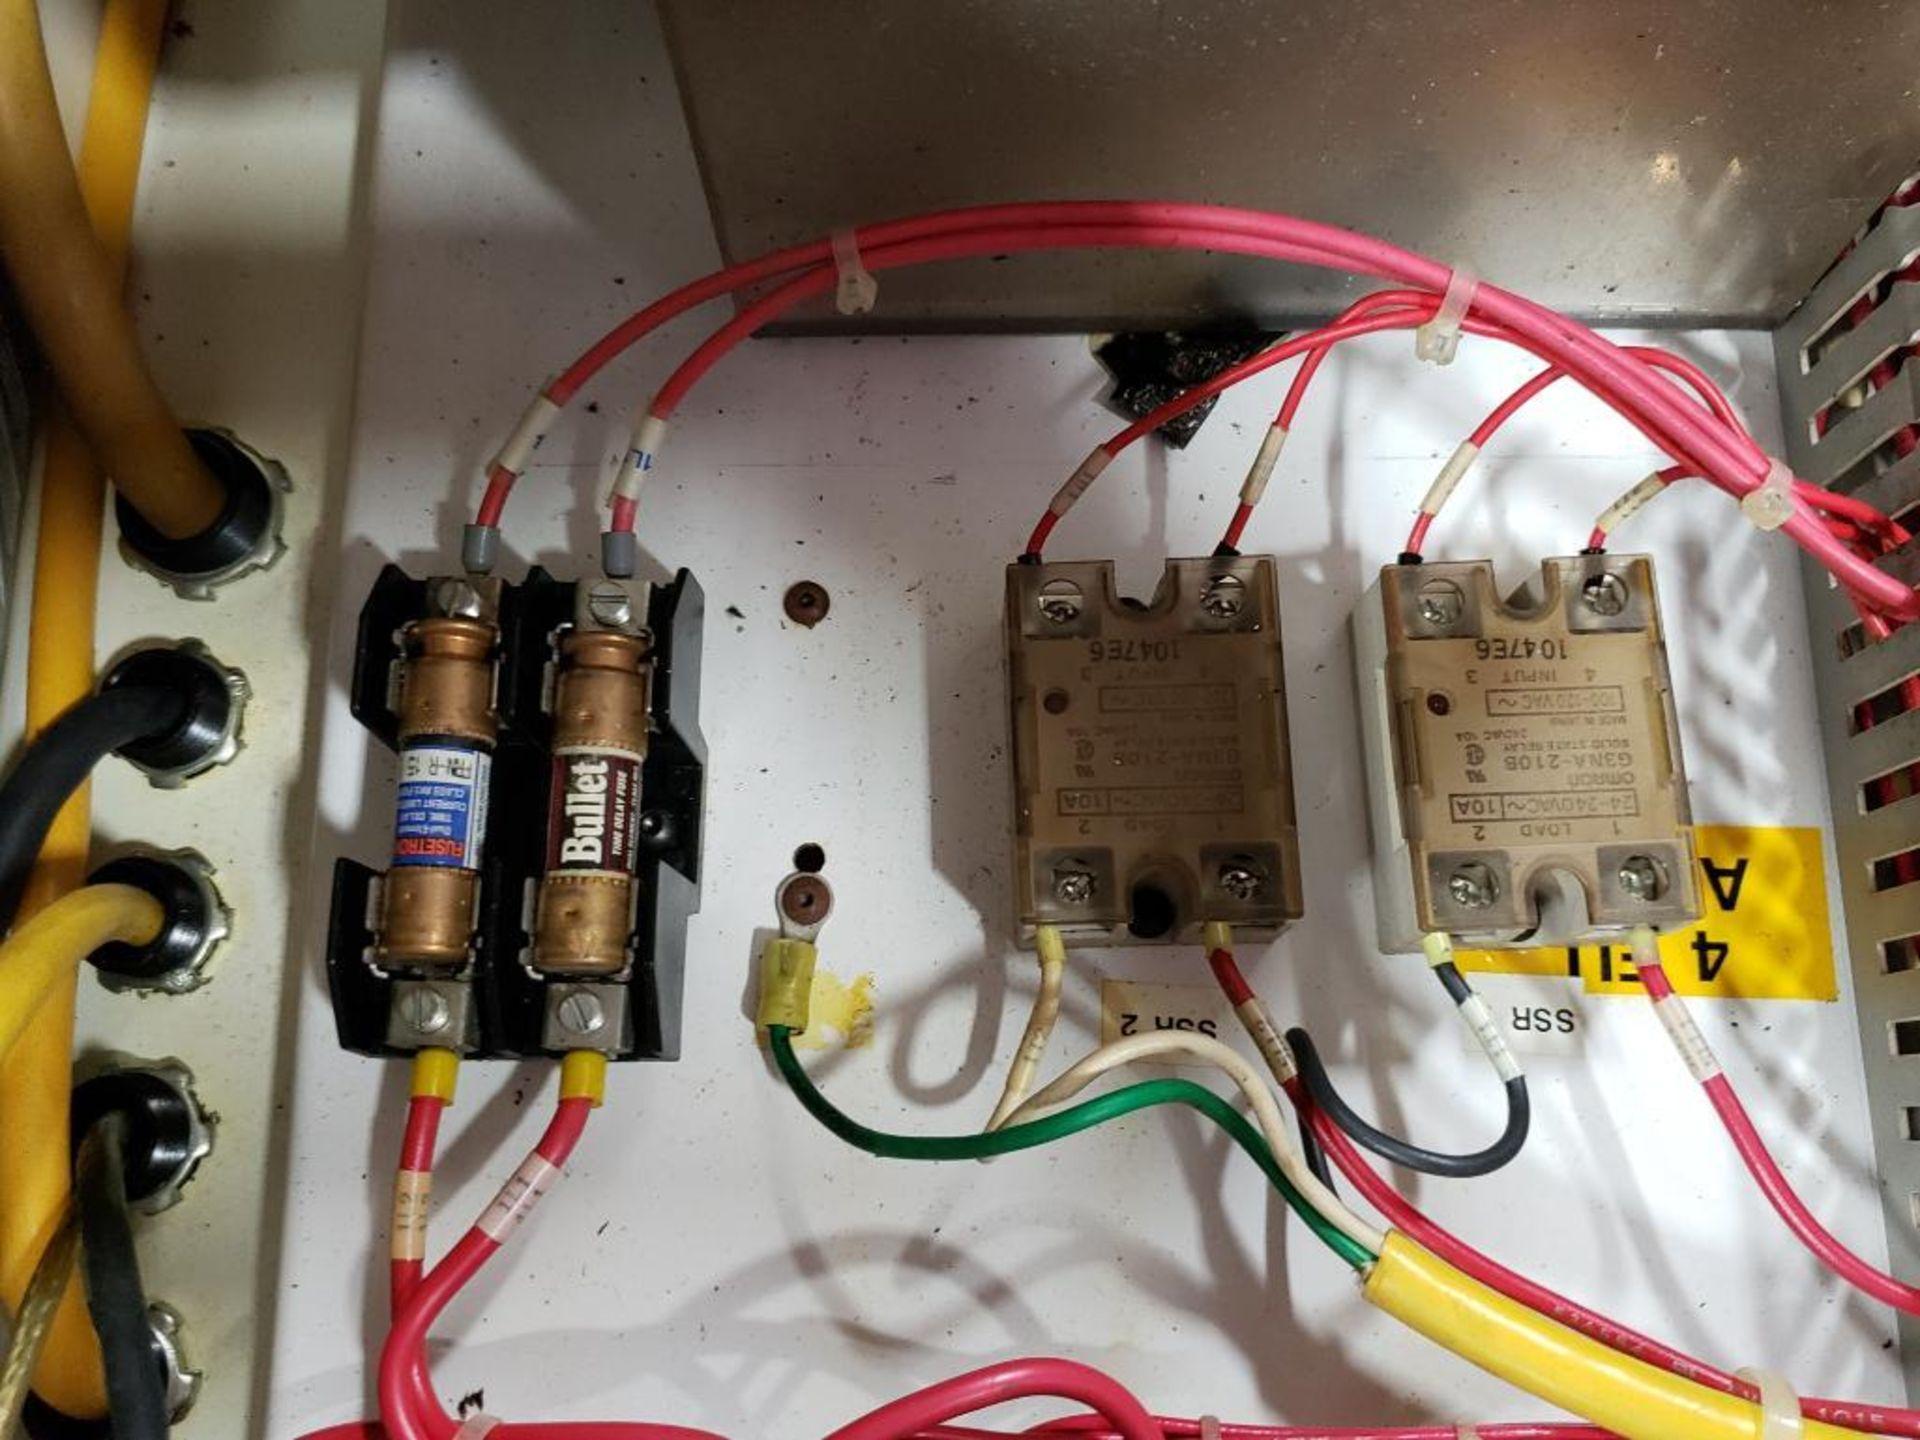 Chiller control cabinet. Hoffman enclosure, Cutler Hammer AF93AG0B007D drive, Allen Bradley drive. - Image 29 of 35